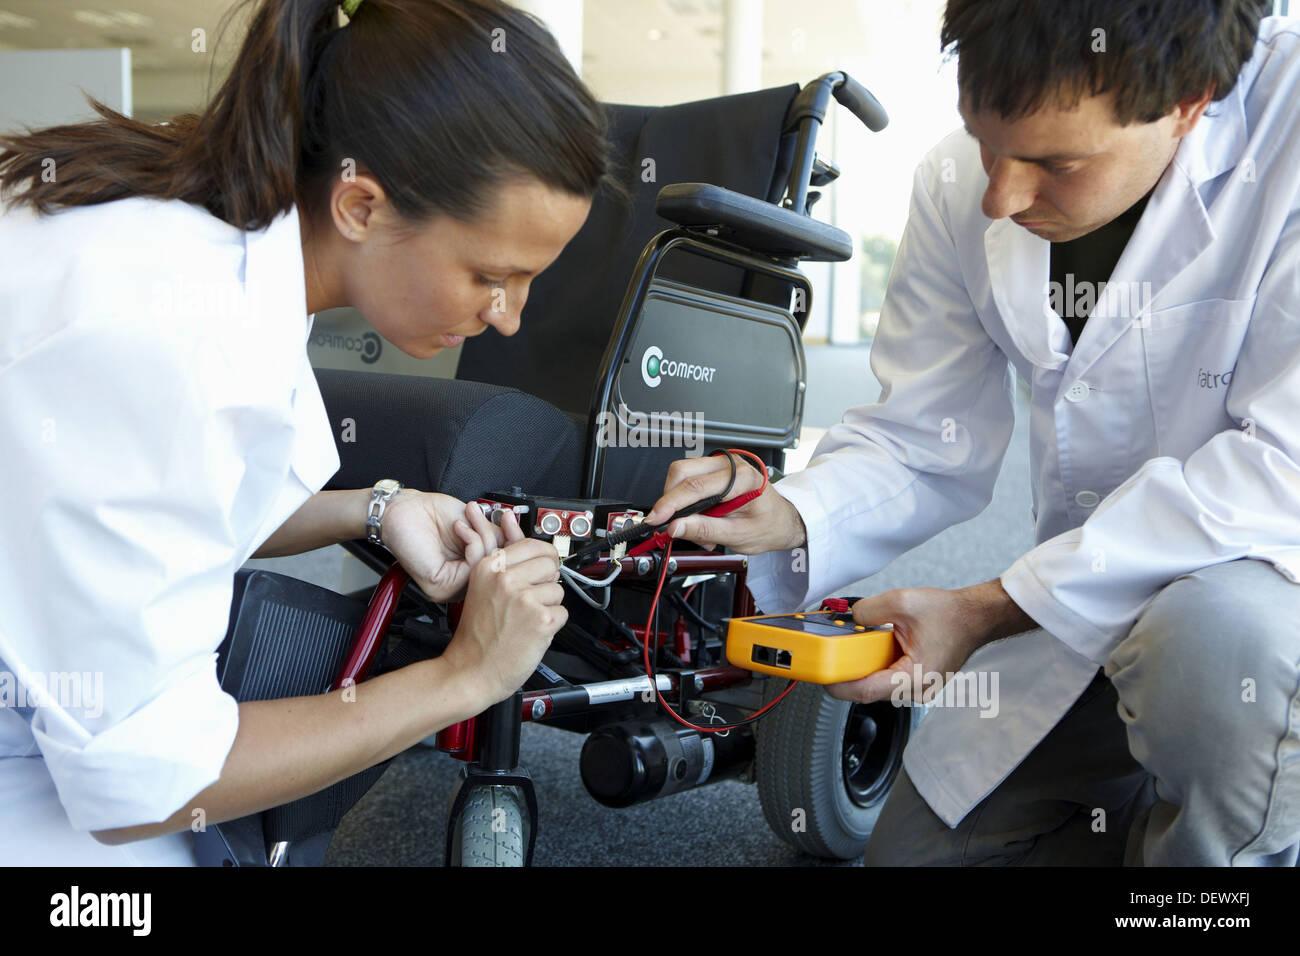 Unidad de Salud y Calidad de vida de los investigadores para el desarrollo de un sistema de control inteligente de potencia, FIK tecnología silla de ruedas Imagen De Stock